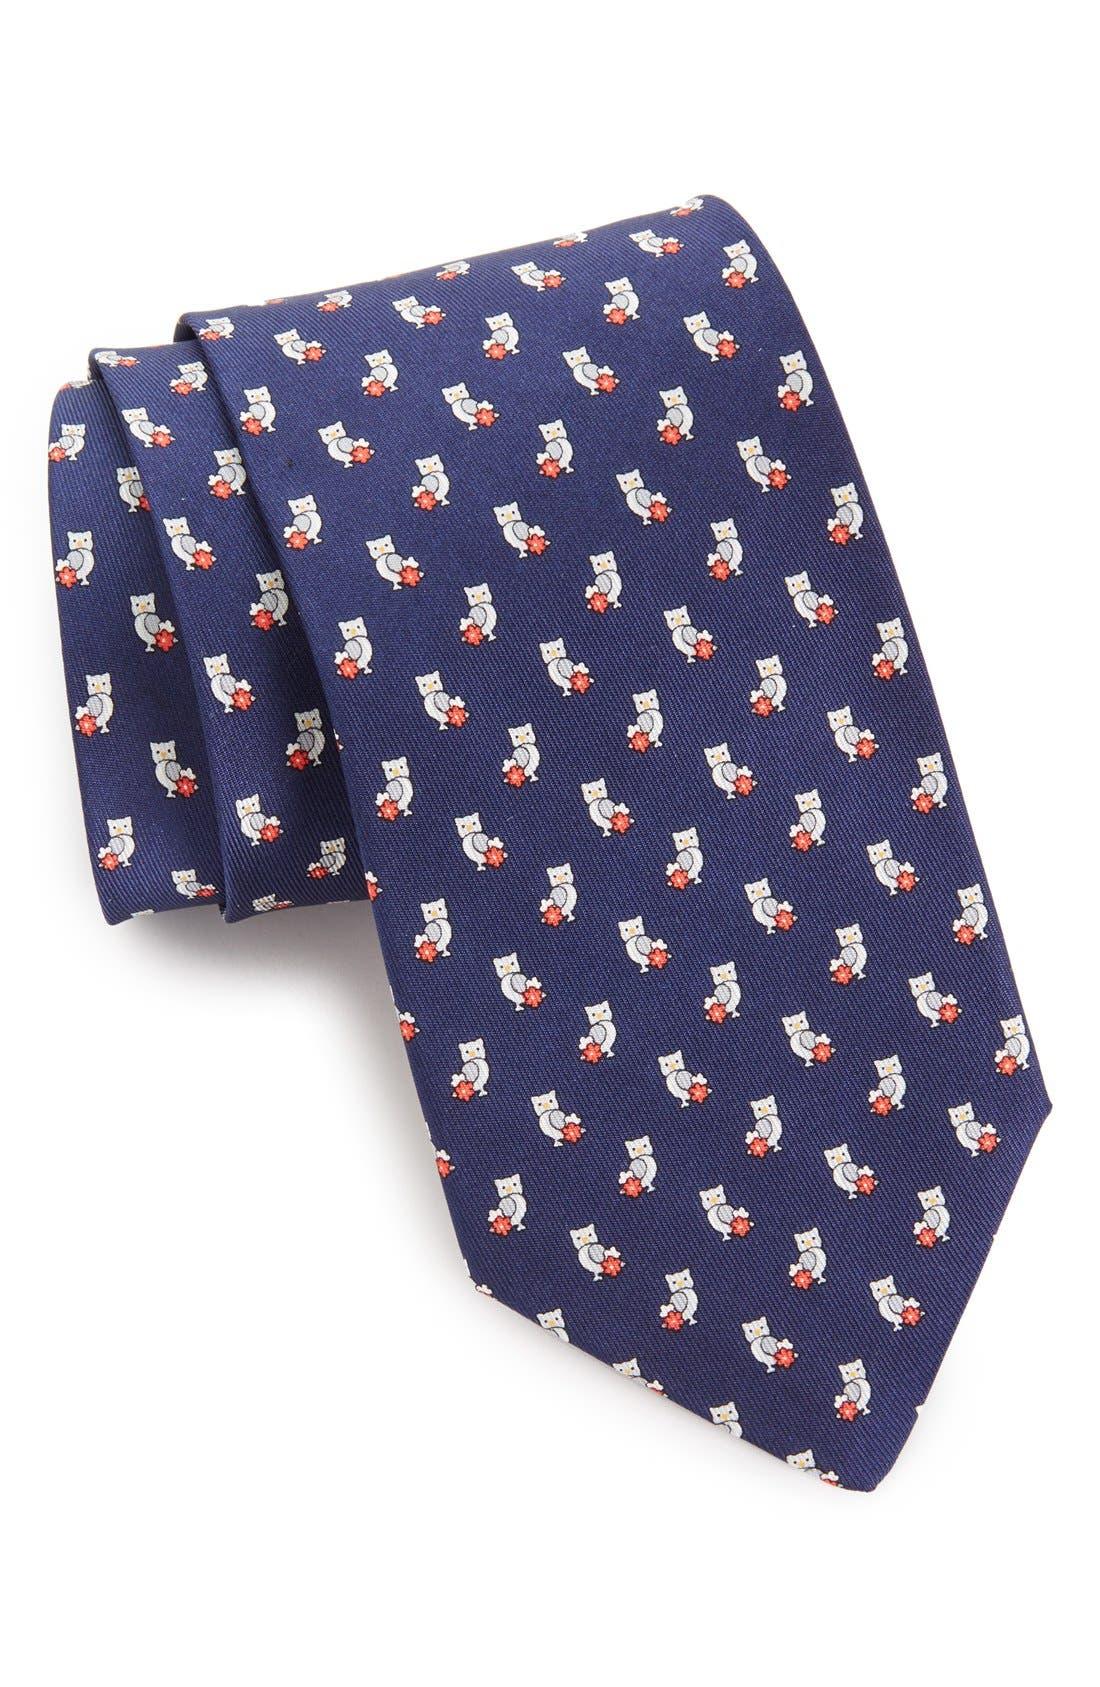 Main Image - Salvatore Ferragamo Owl Print Tie